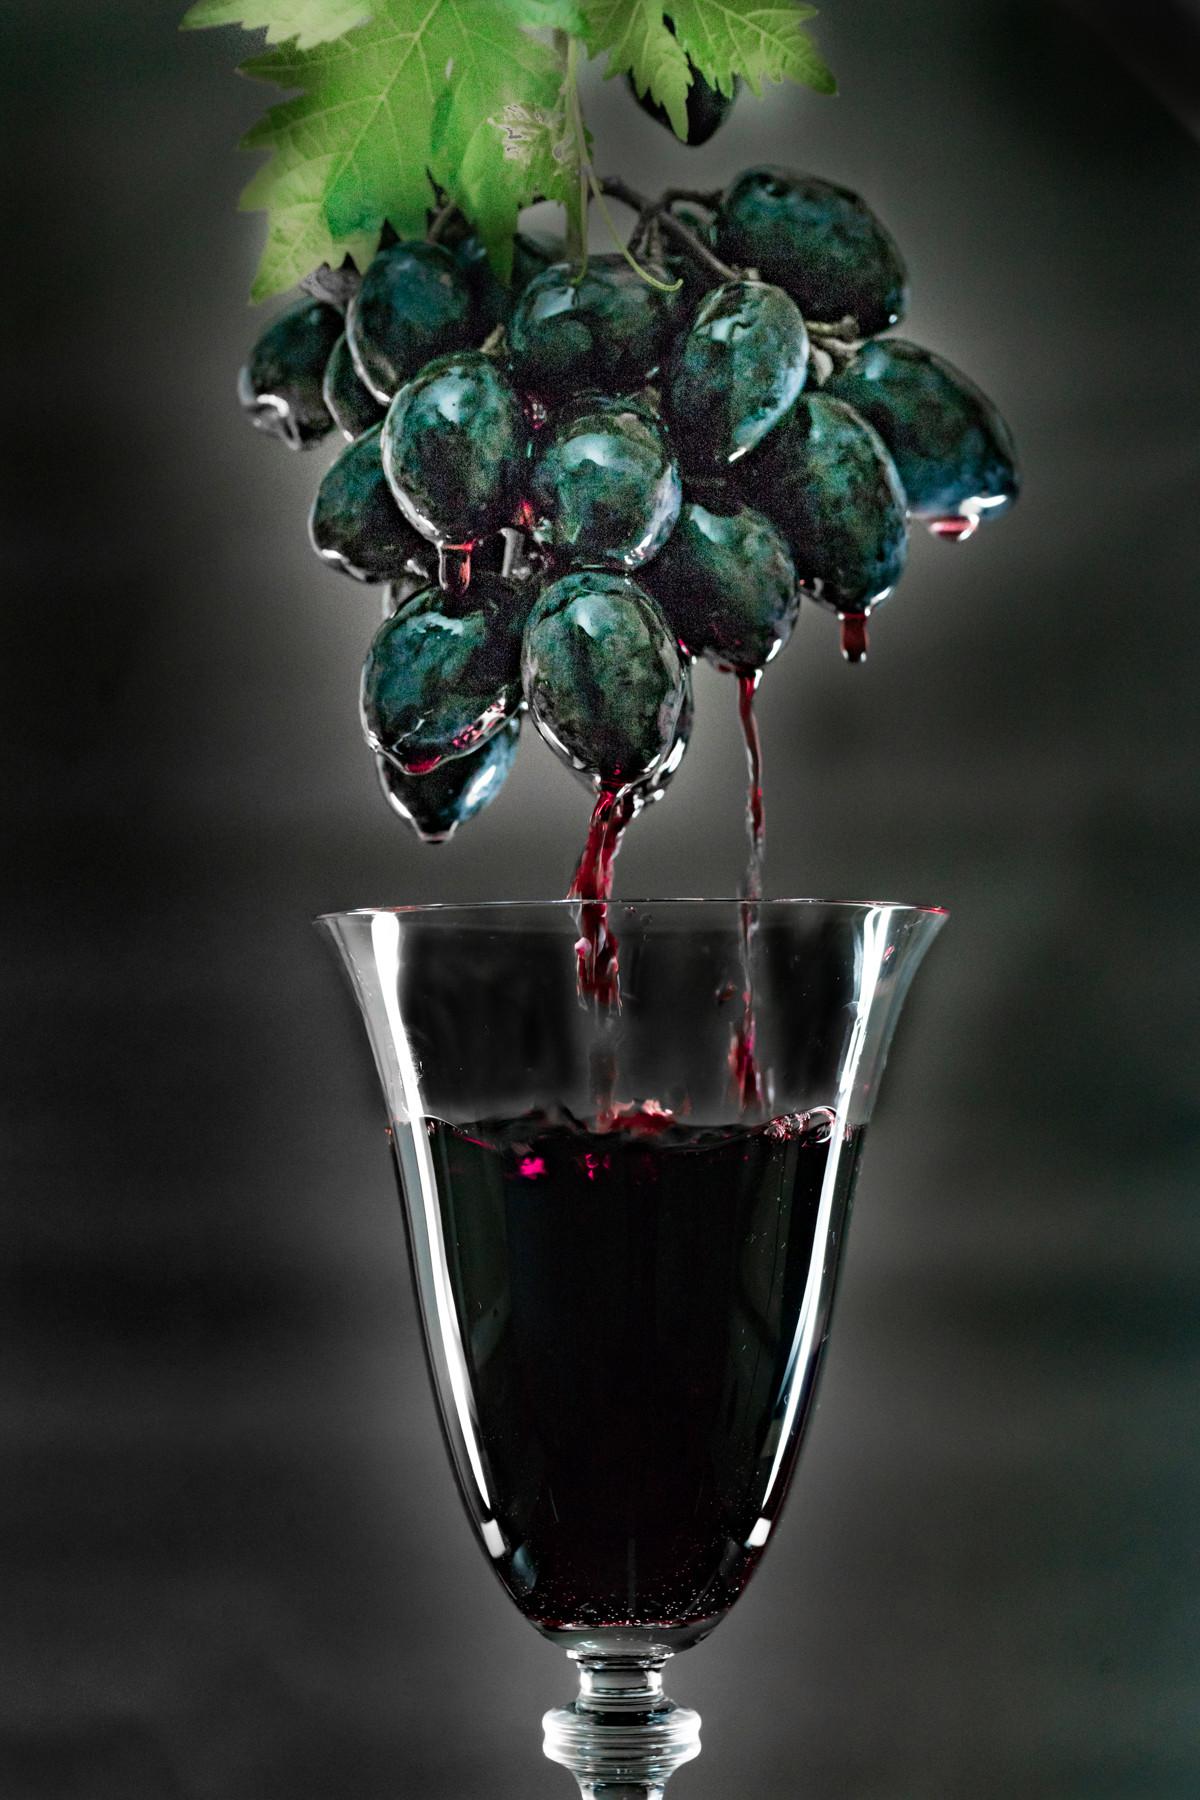 PDI - The Life of Wine by John Creggan (10 marks)